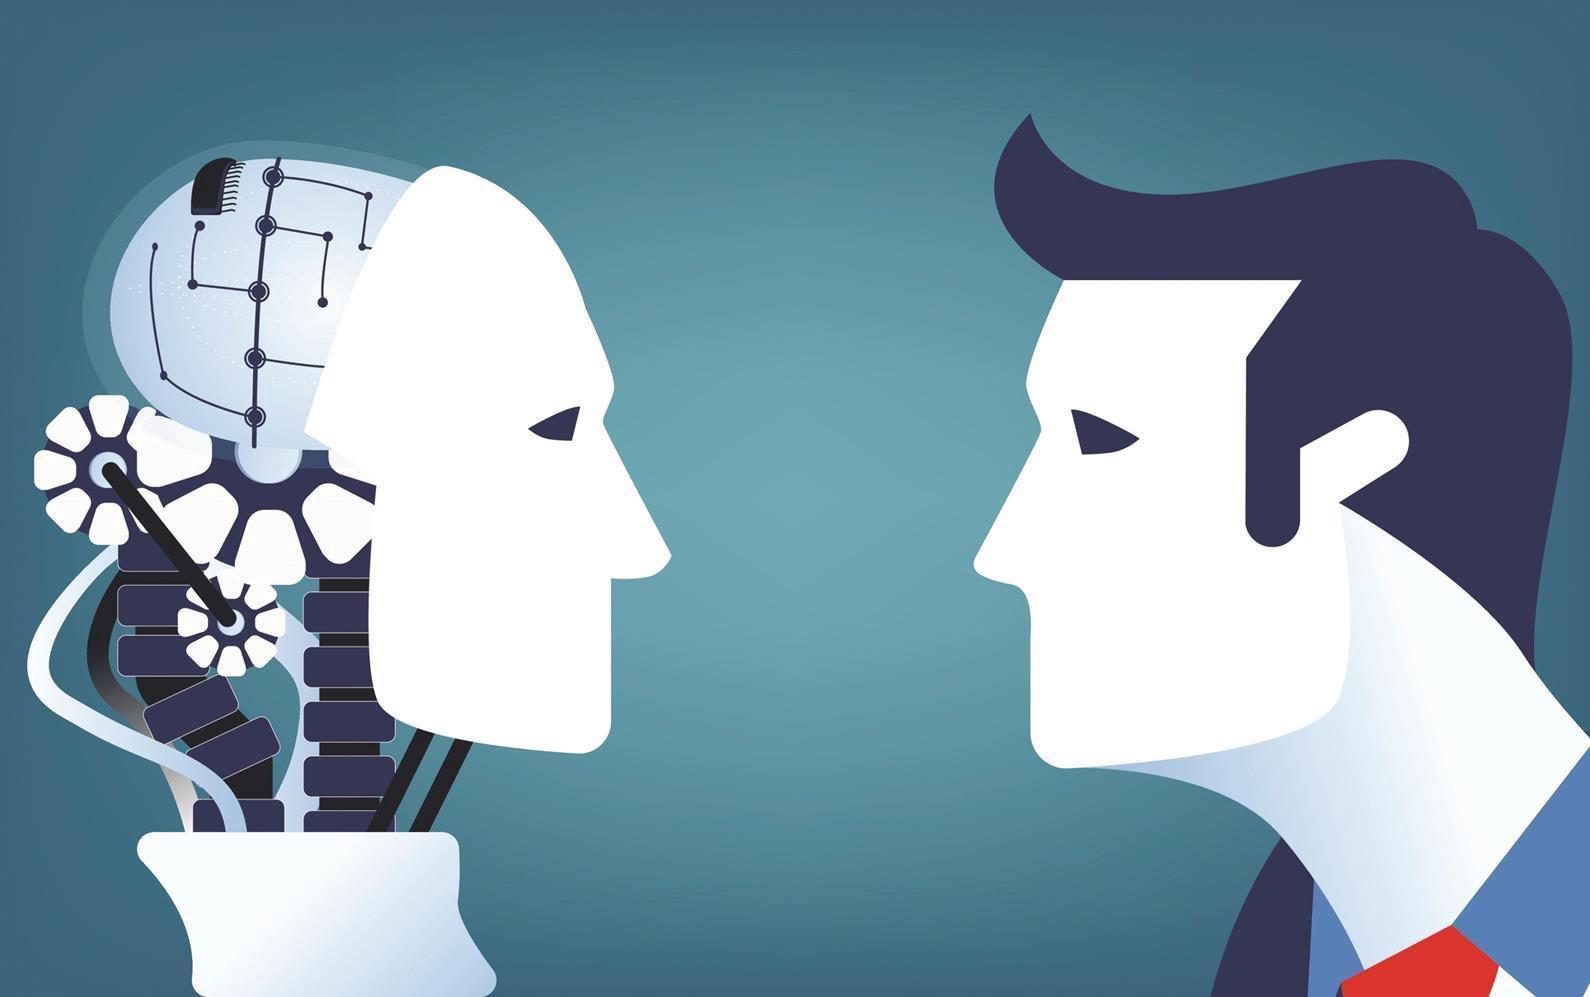 Nom : humais-vs-robot-travail.jpeg Affichages : 778 Taille : 99,0 Ko